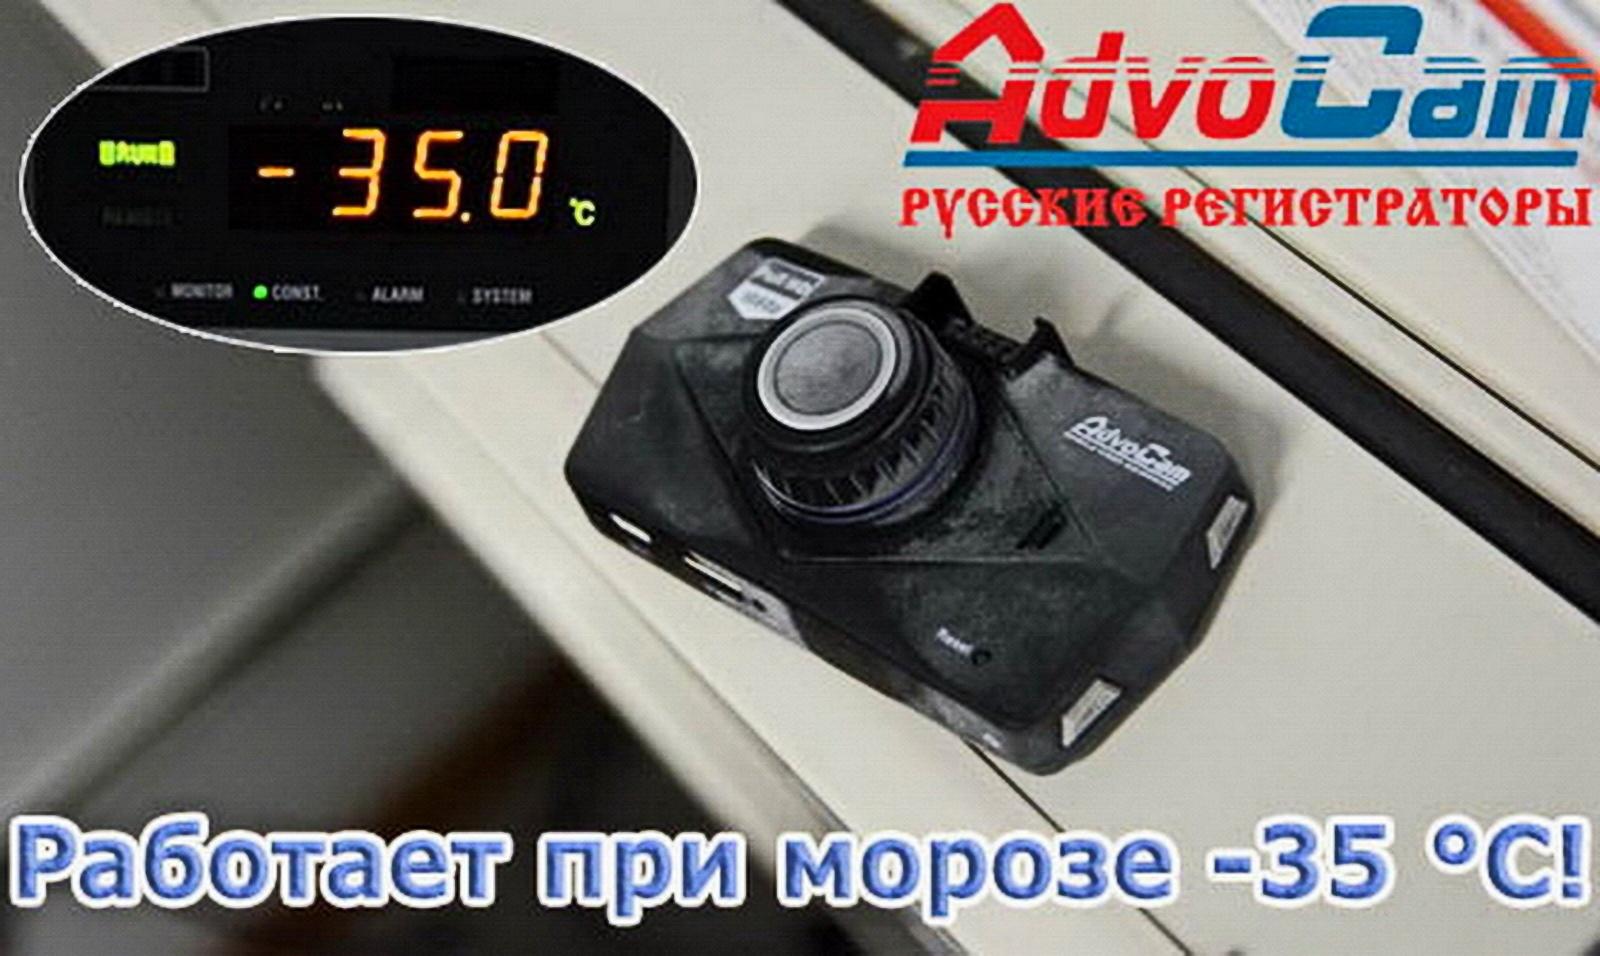 [Бес]полезная гарантия? Как работает сервис русского бренда видеорегистраторов AdvoCam - 14